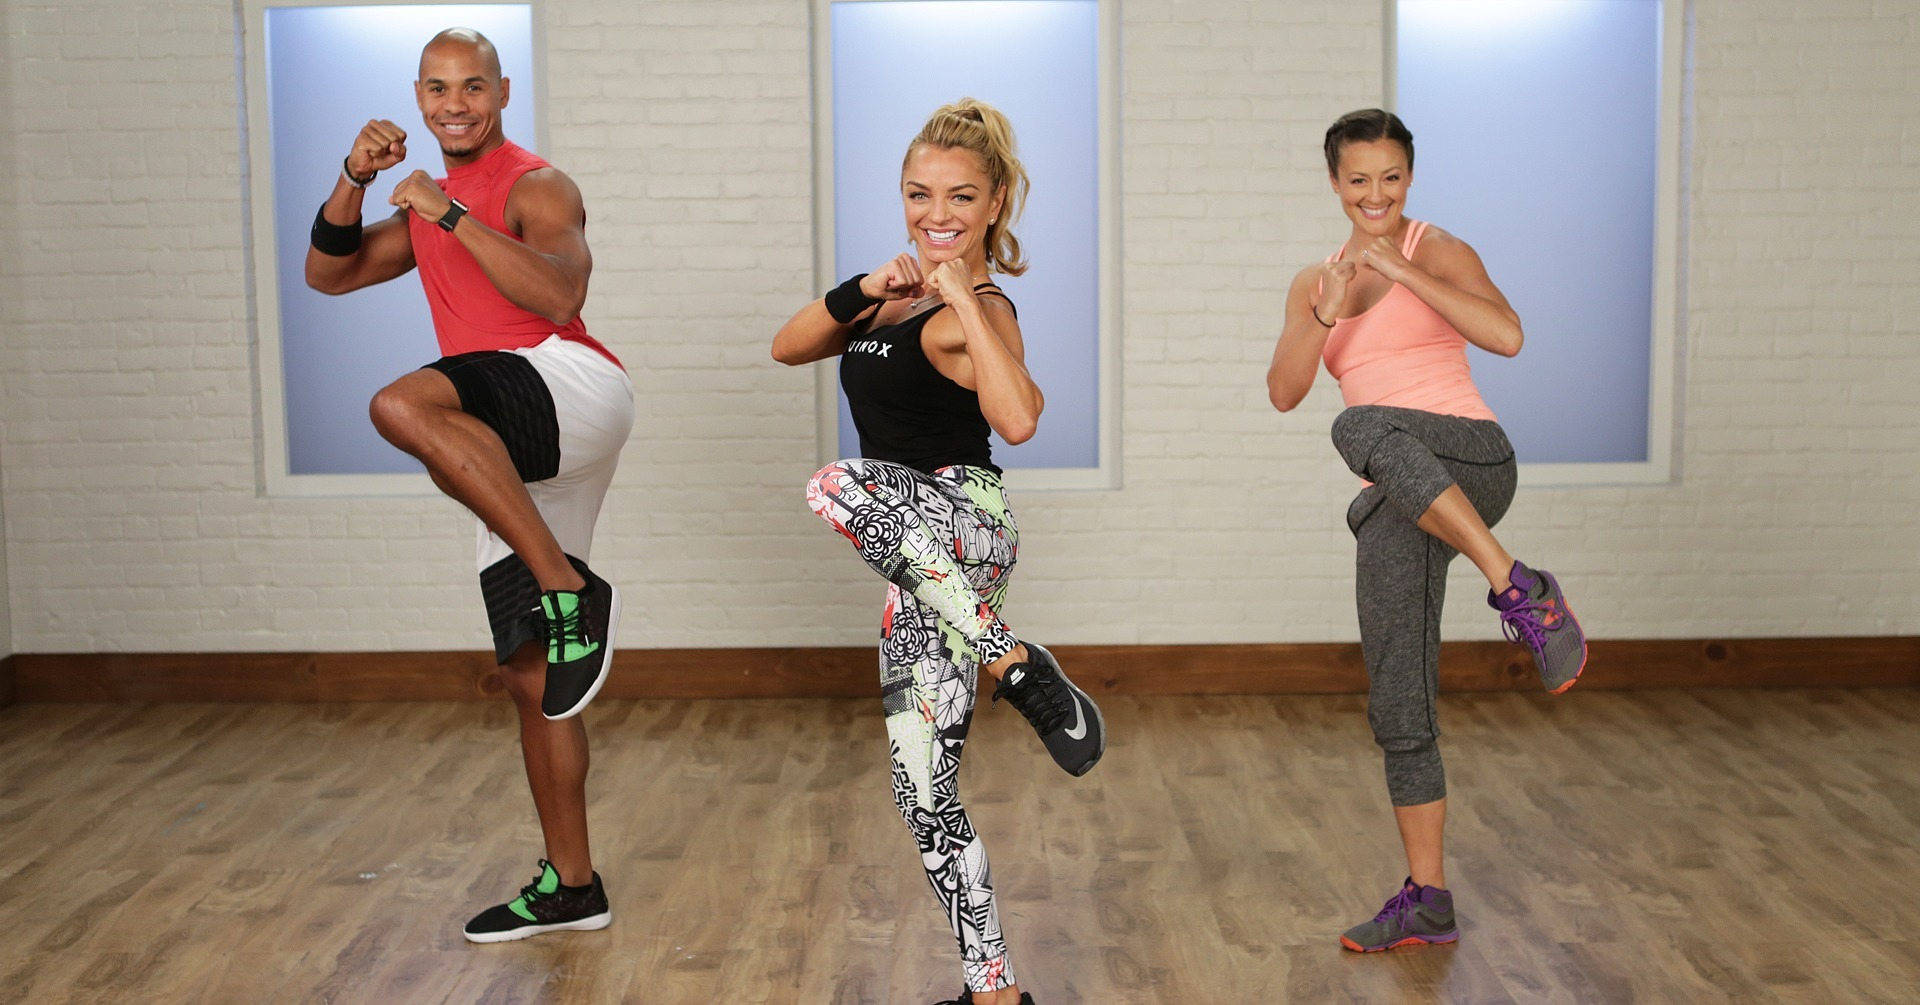 Ab Workout | POPSUGAR Fitness